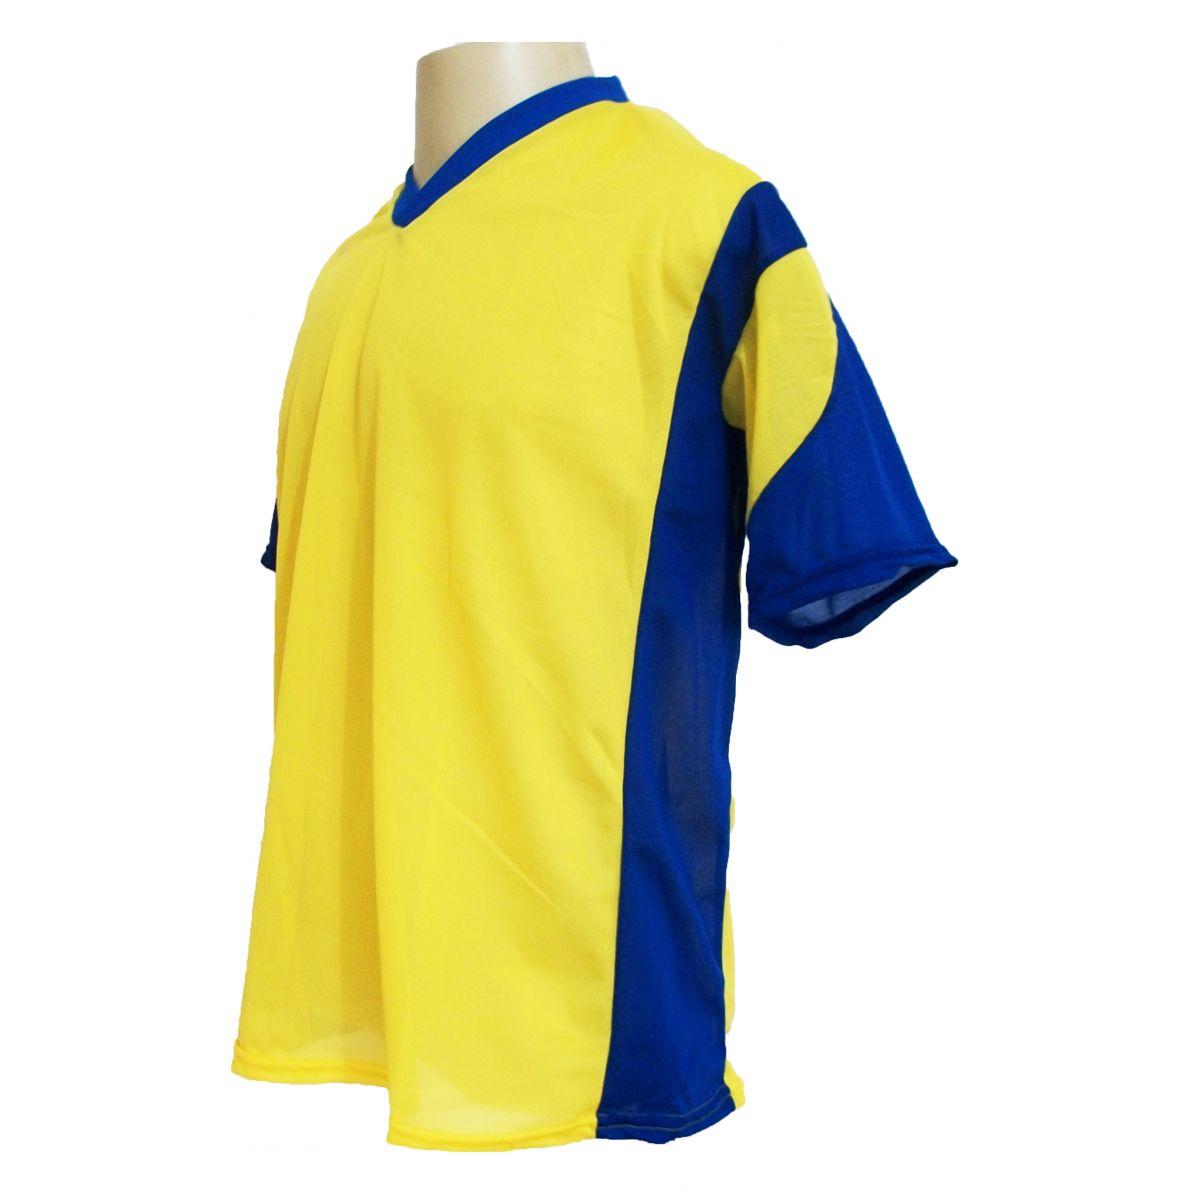 Jogo de Camisa Promocional com 18 Peças Numeradas Modelo Attack Amarelo/Royal